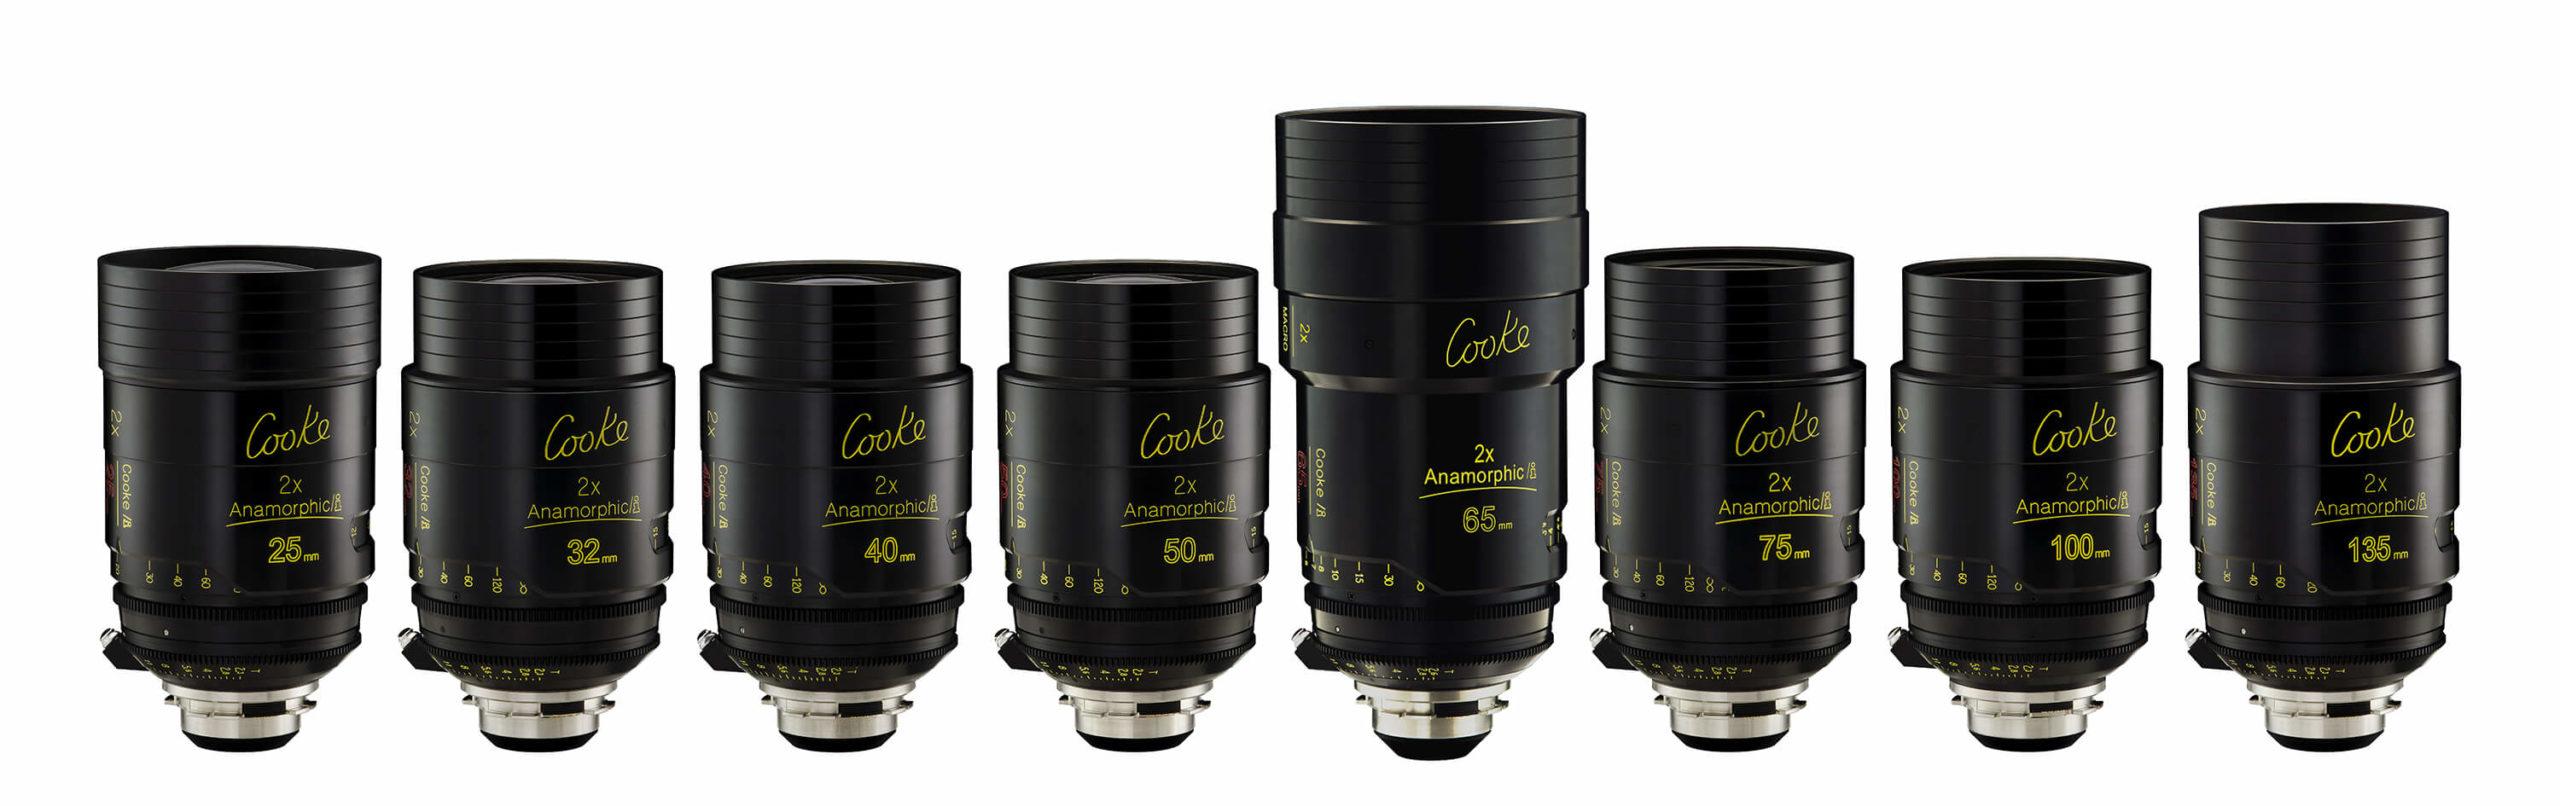 Cooke Anamorphic 2x lenses